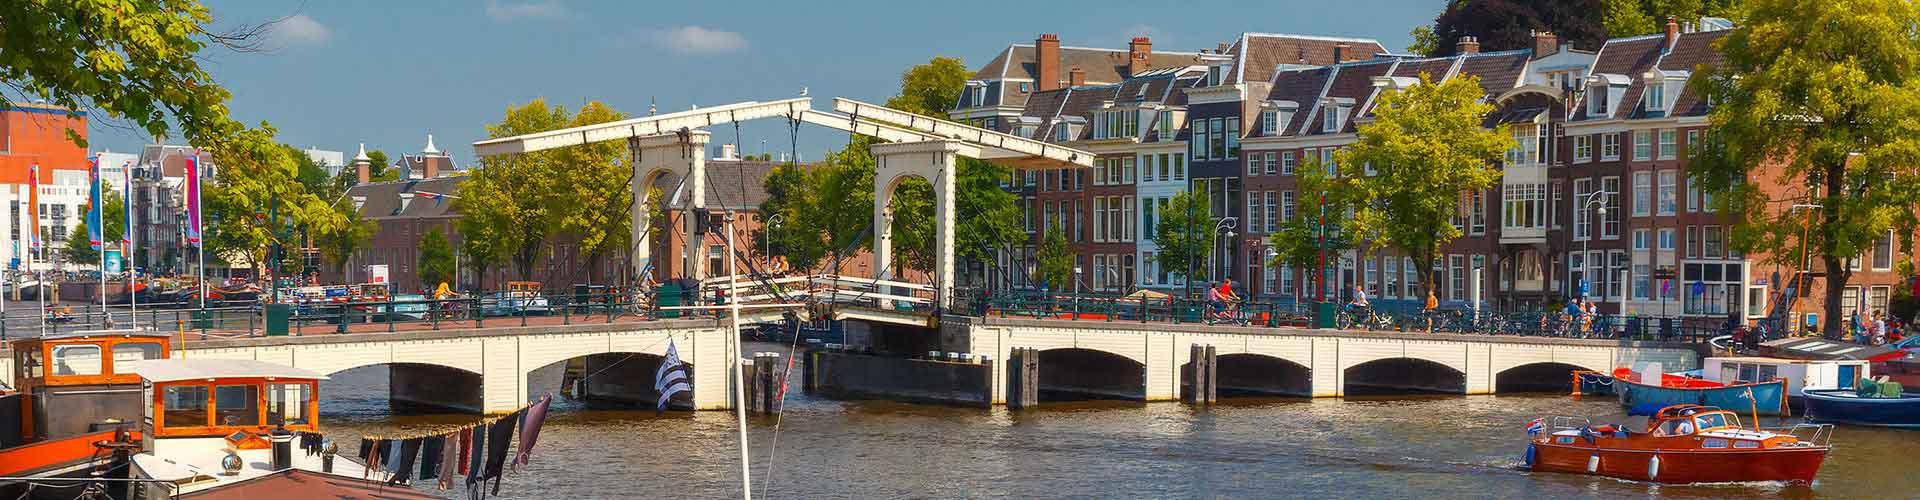 Amsterdam - Hoteles baratos cerca a Magere Brug. Mapas de Amsterdam, Fotos y comentarios de cada Hotel en Amsterdam.